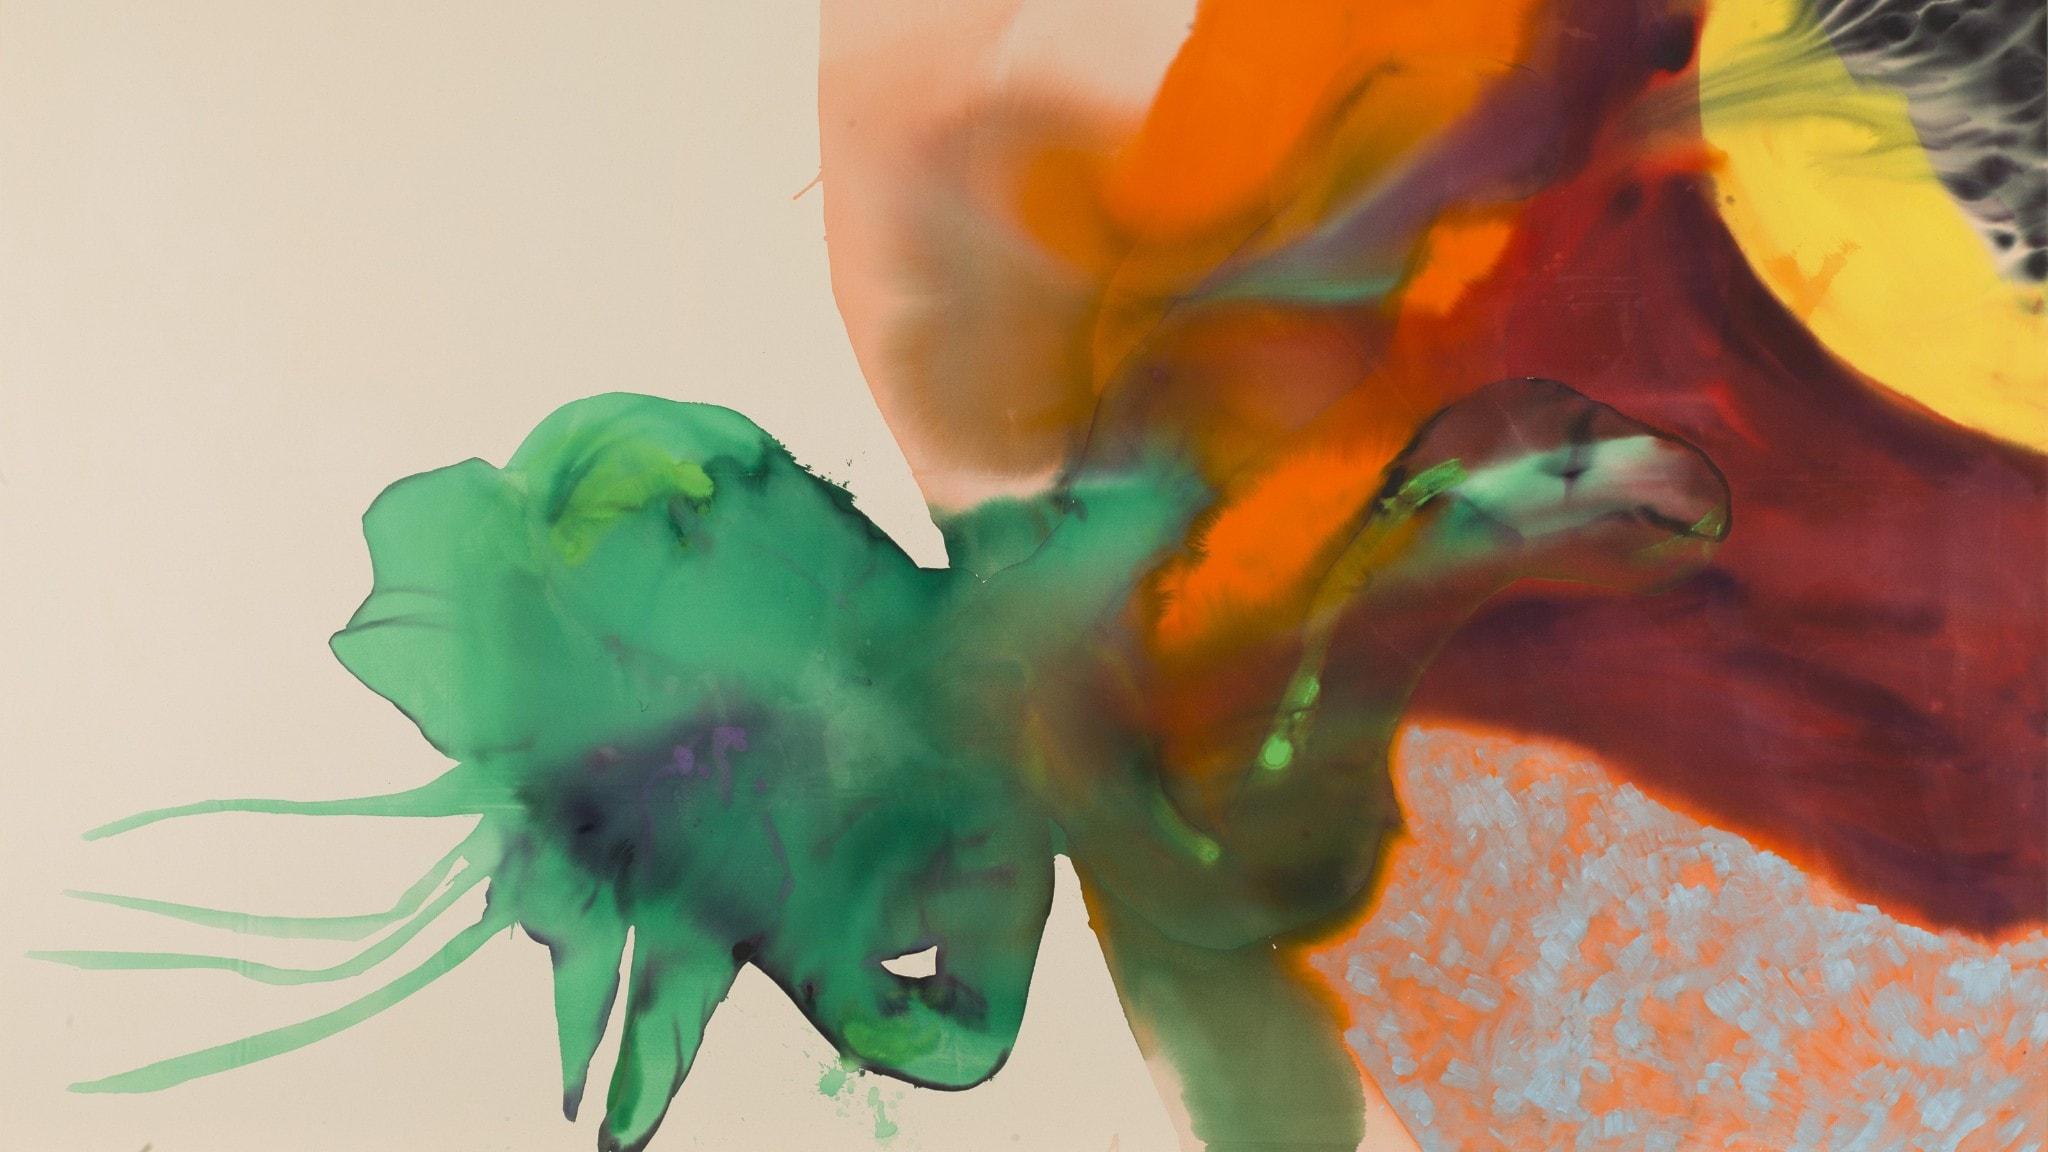 Målning av Ragna Bley på Moderna Museet Foto Prallan Allsten